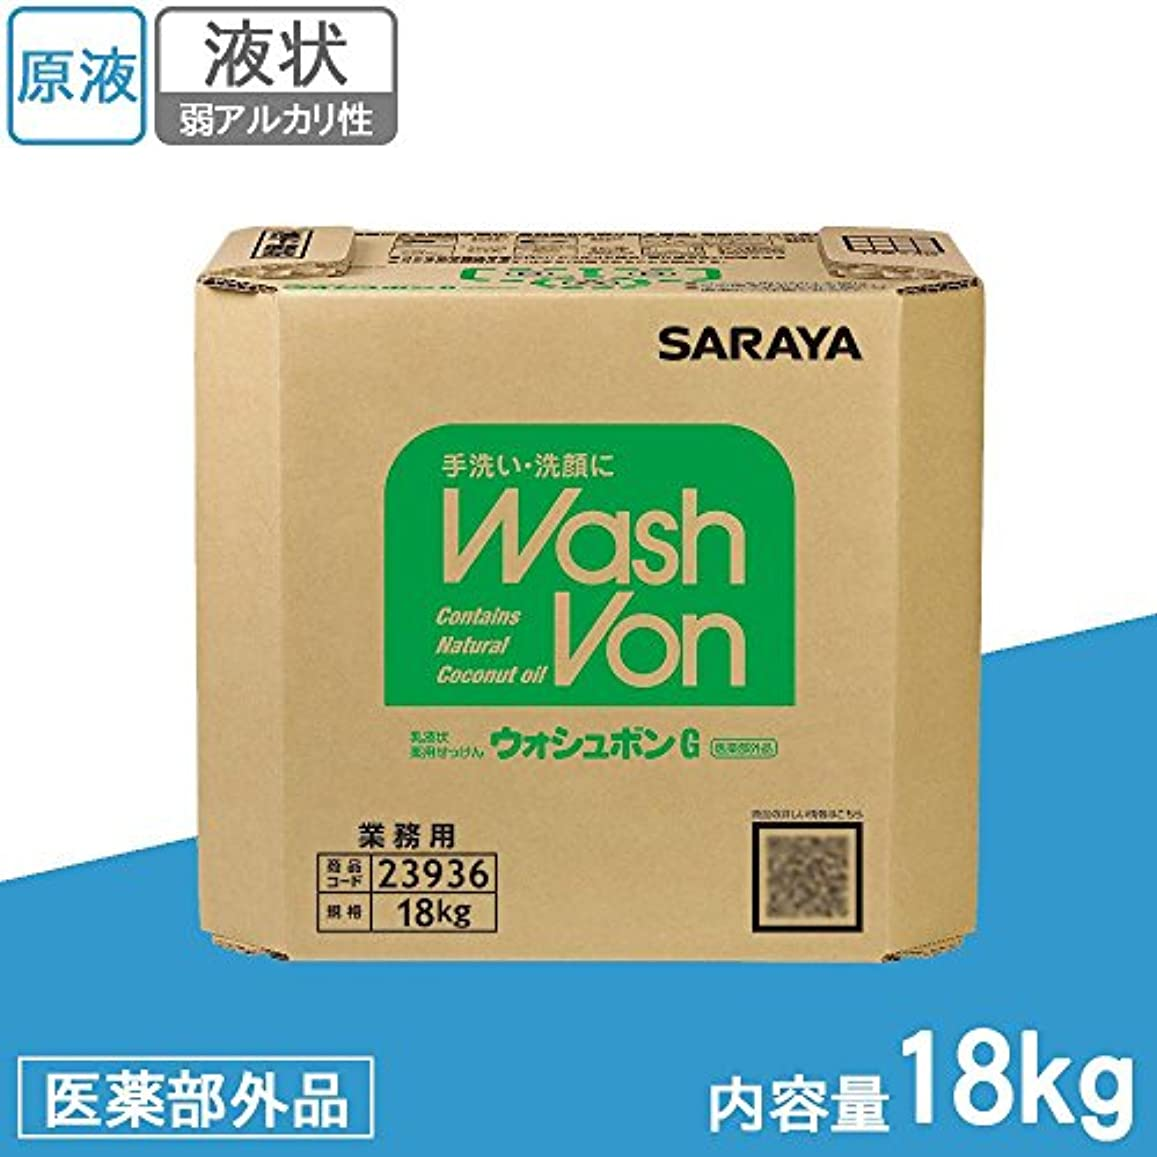 バン側面辞任サラヤ 業務用 乳液状薬用せっけん ウォシュボンG 18kg BIB 23936 (医薬部外品)